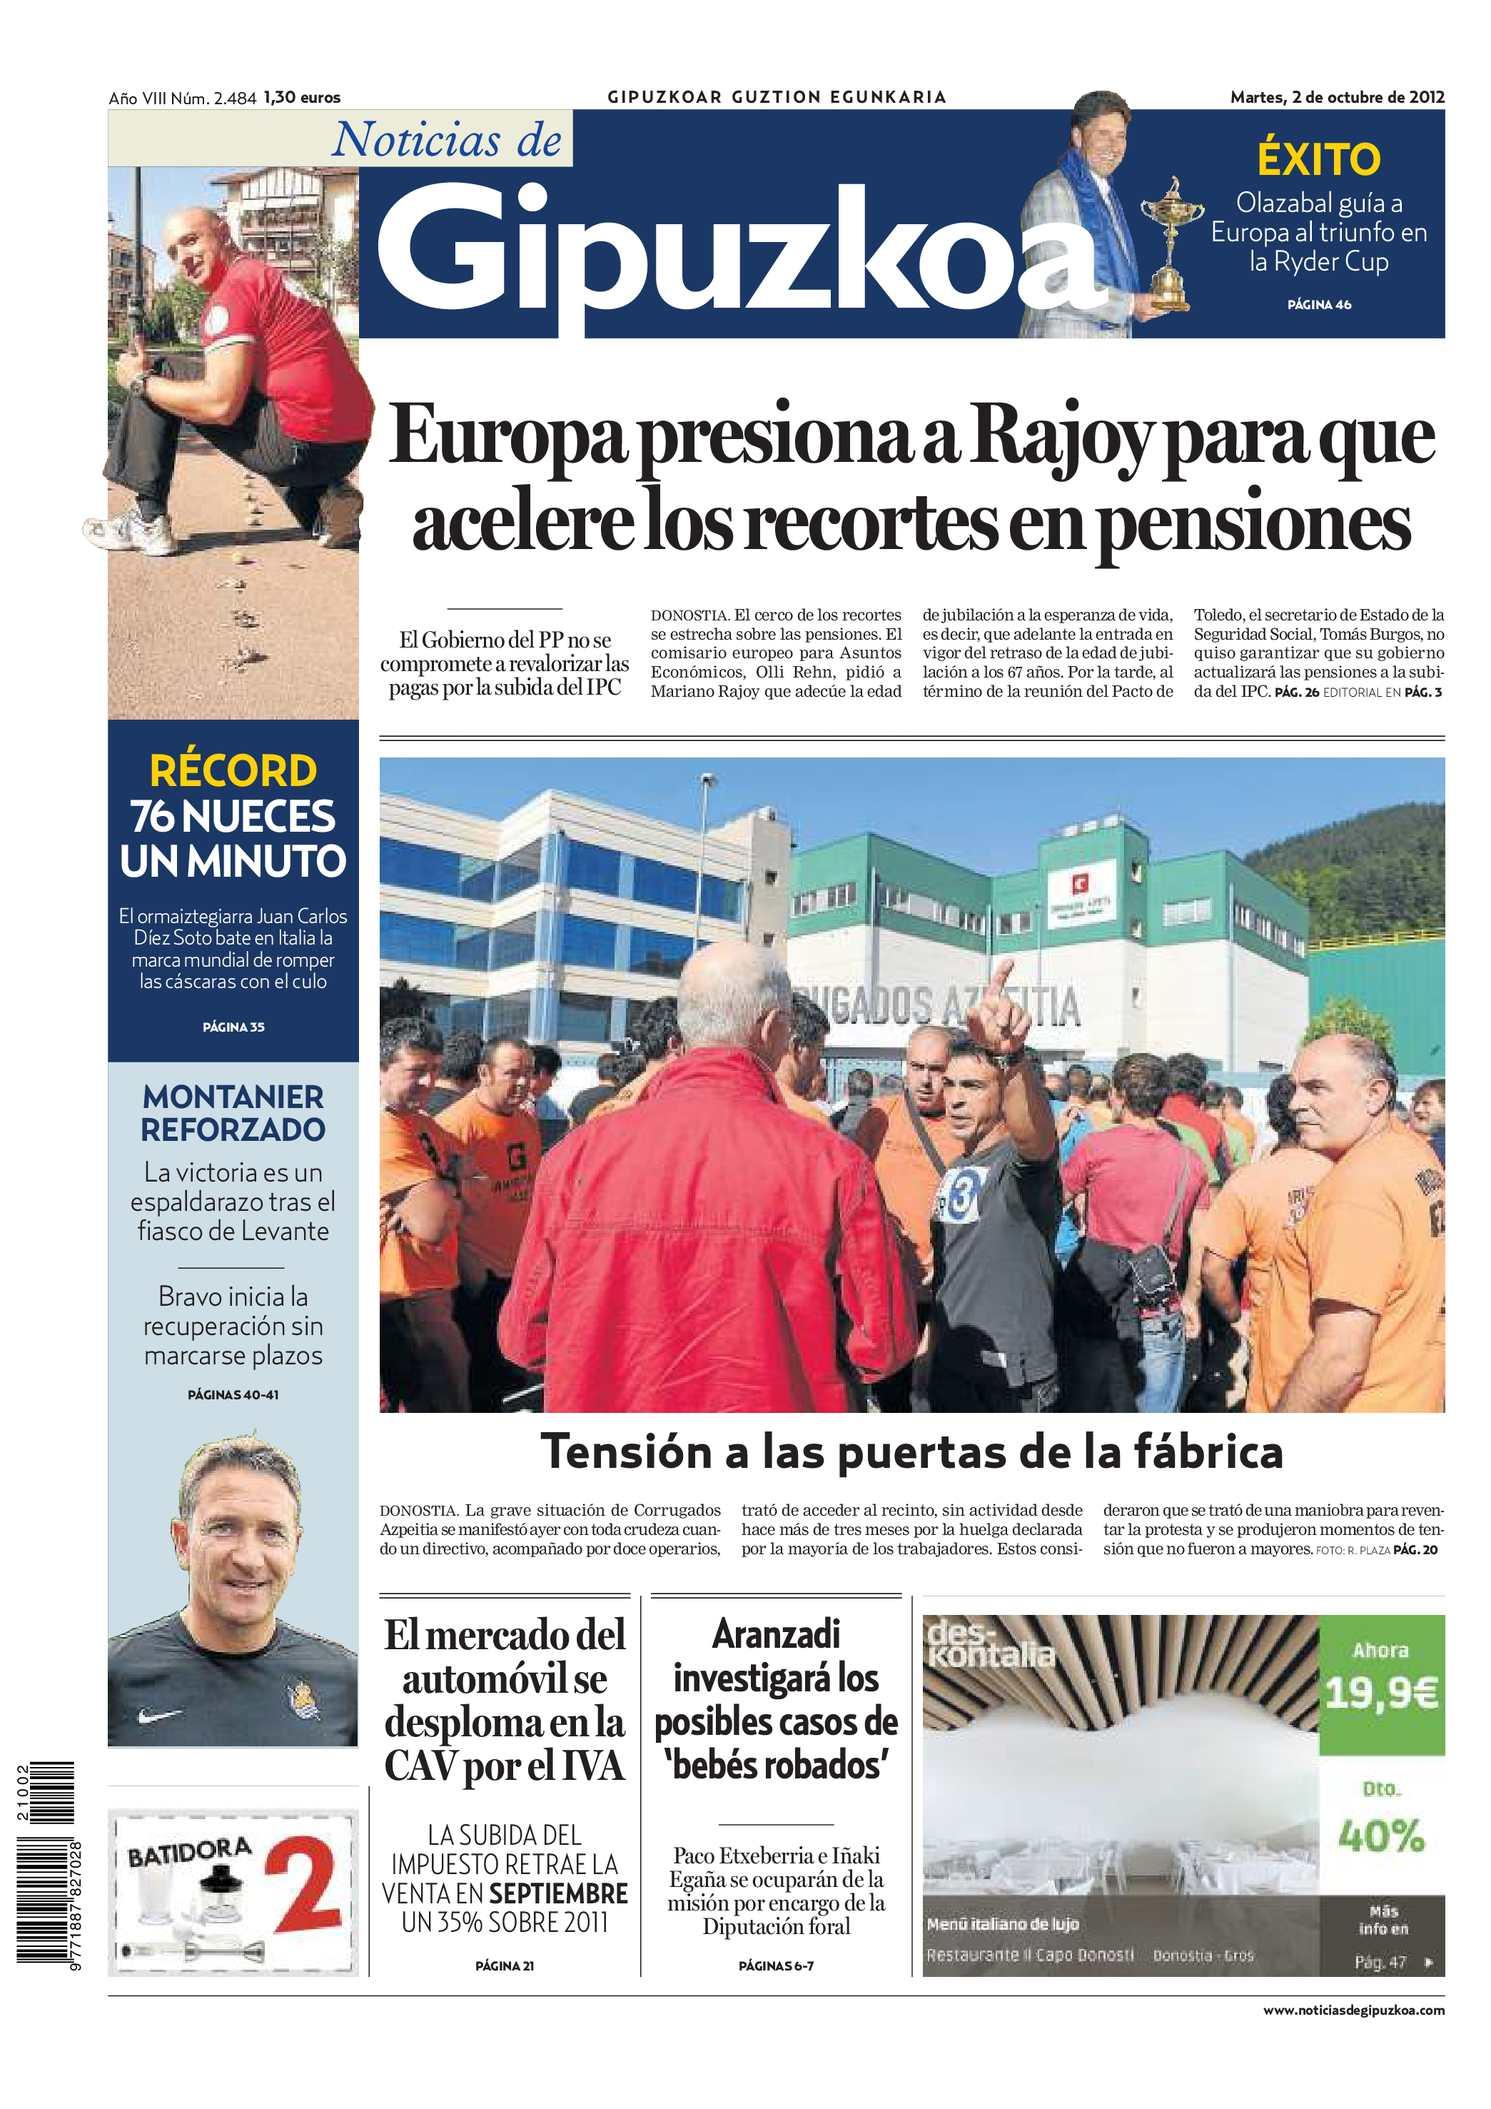 Calaméo - Noticias de Gipuzkoa 20121002 e2c9f6f63bf5